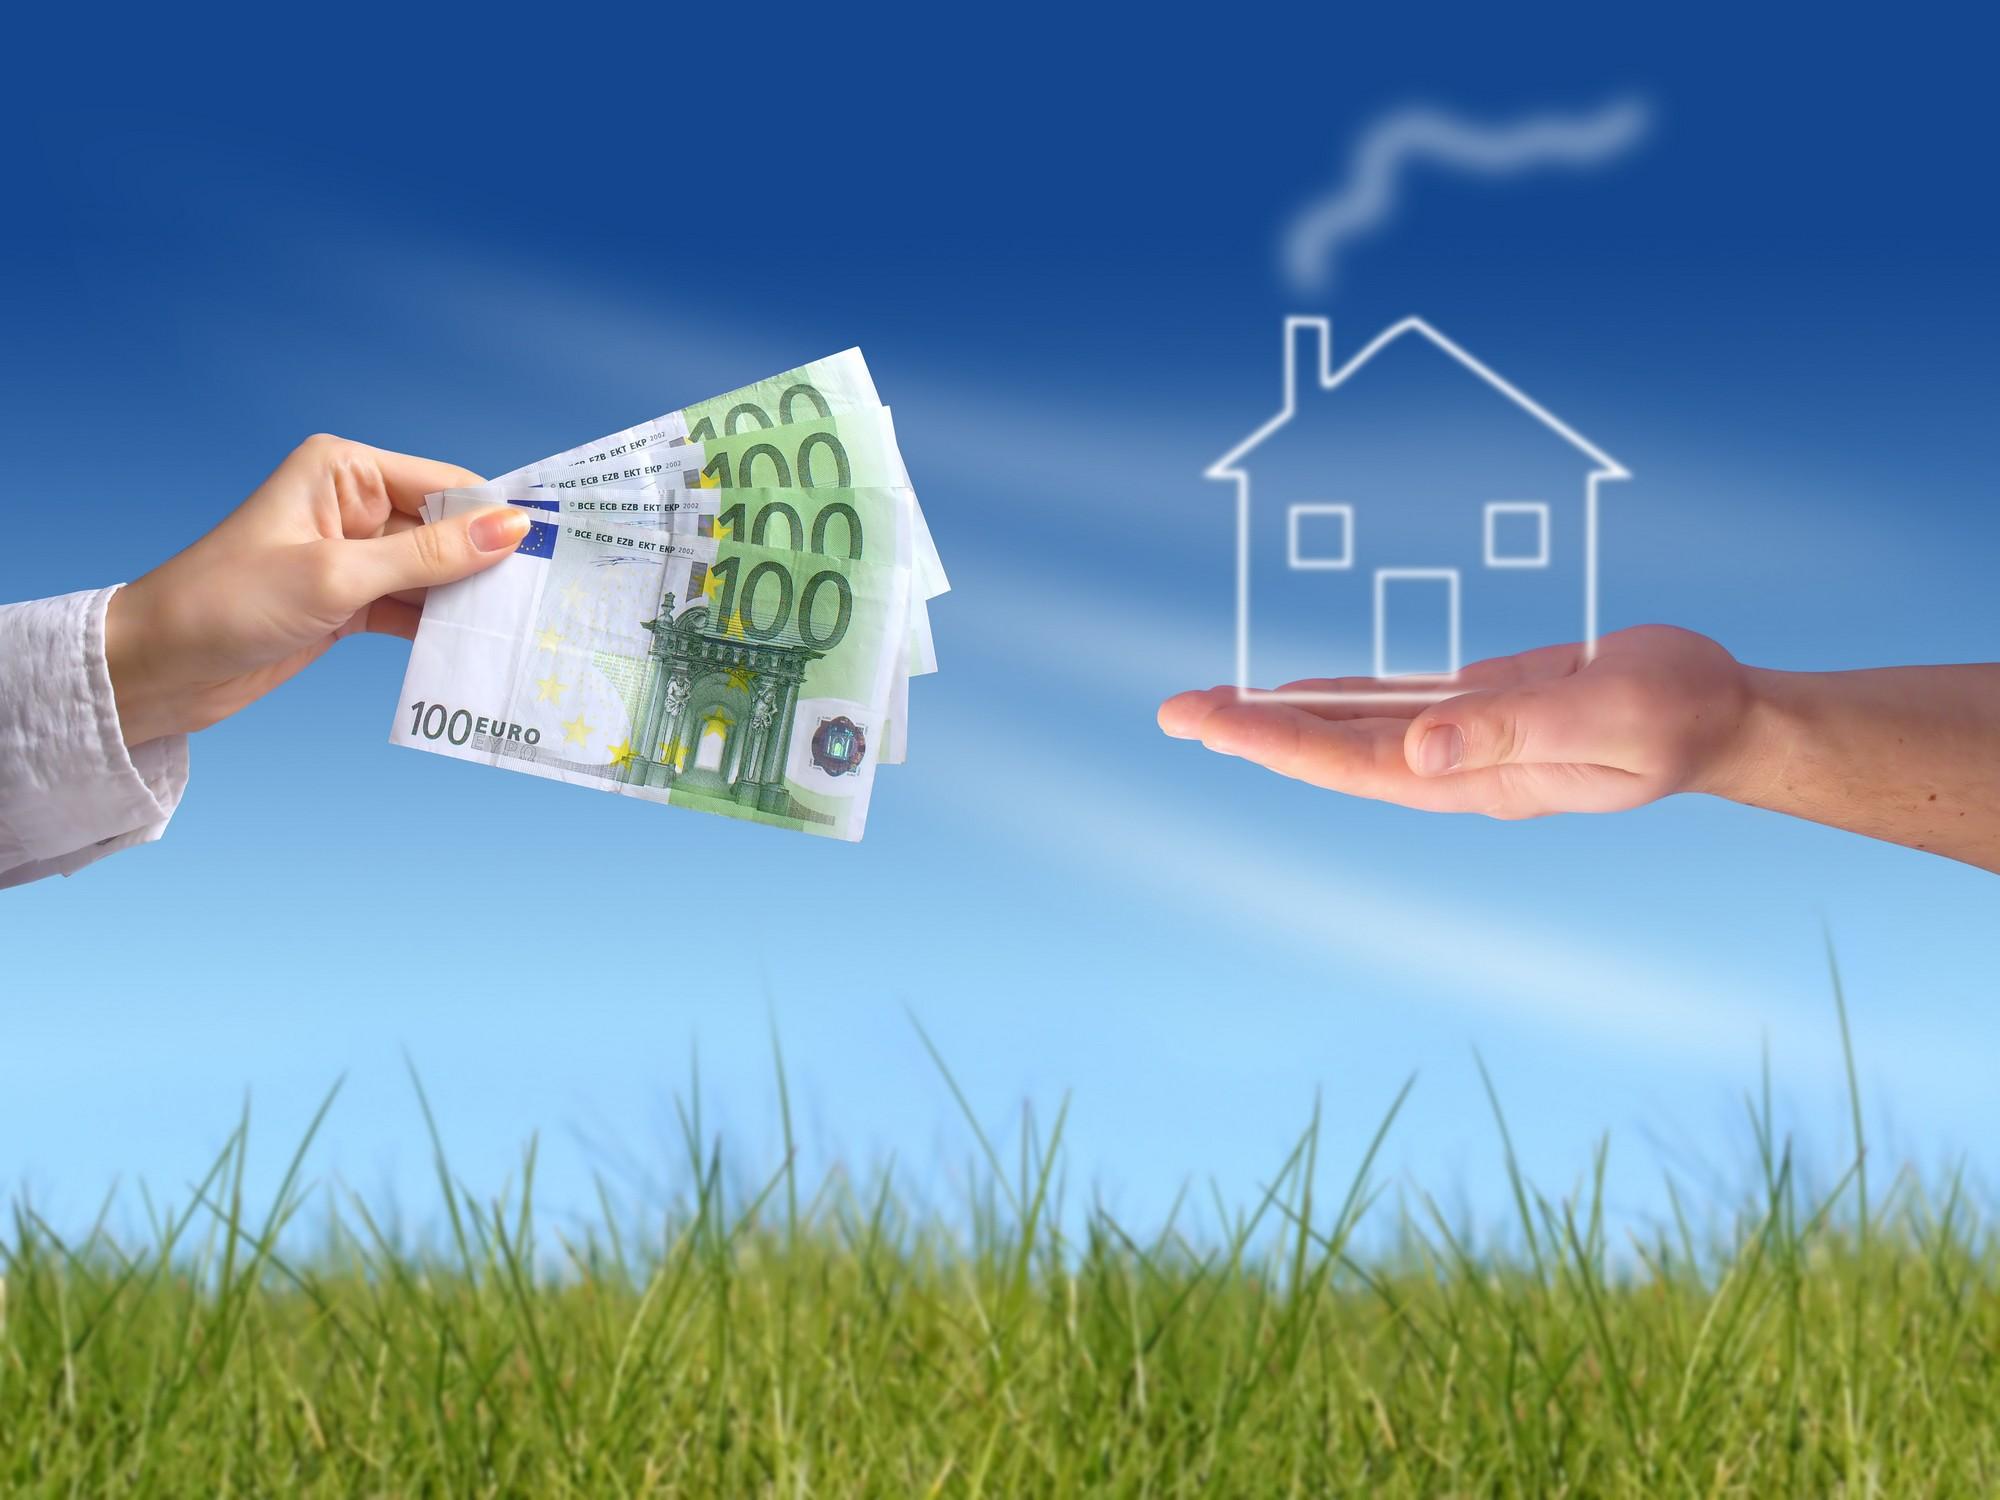 Achat immobilier : Quelles sont les recommandations que vous devez suivre pour ne pas regretter votre achat